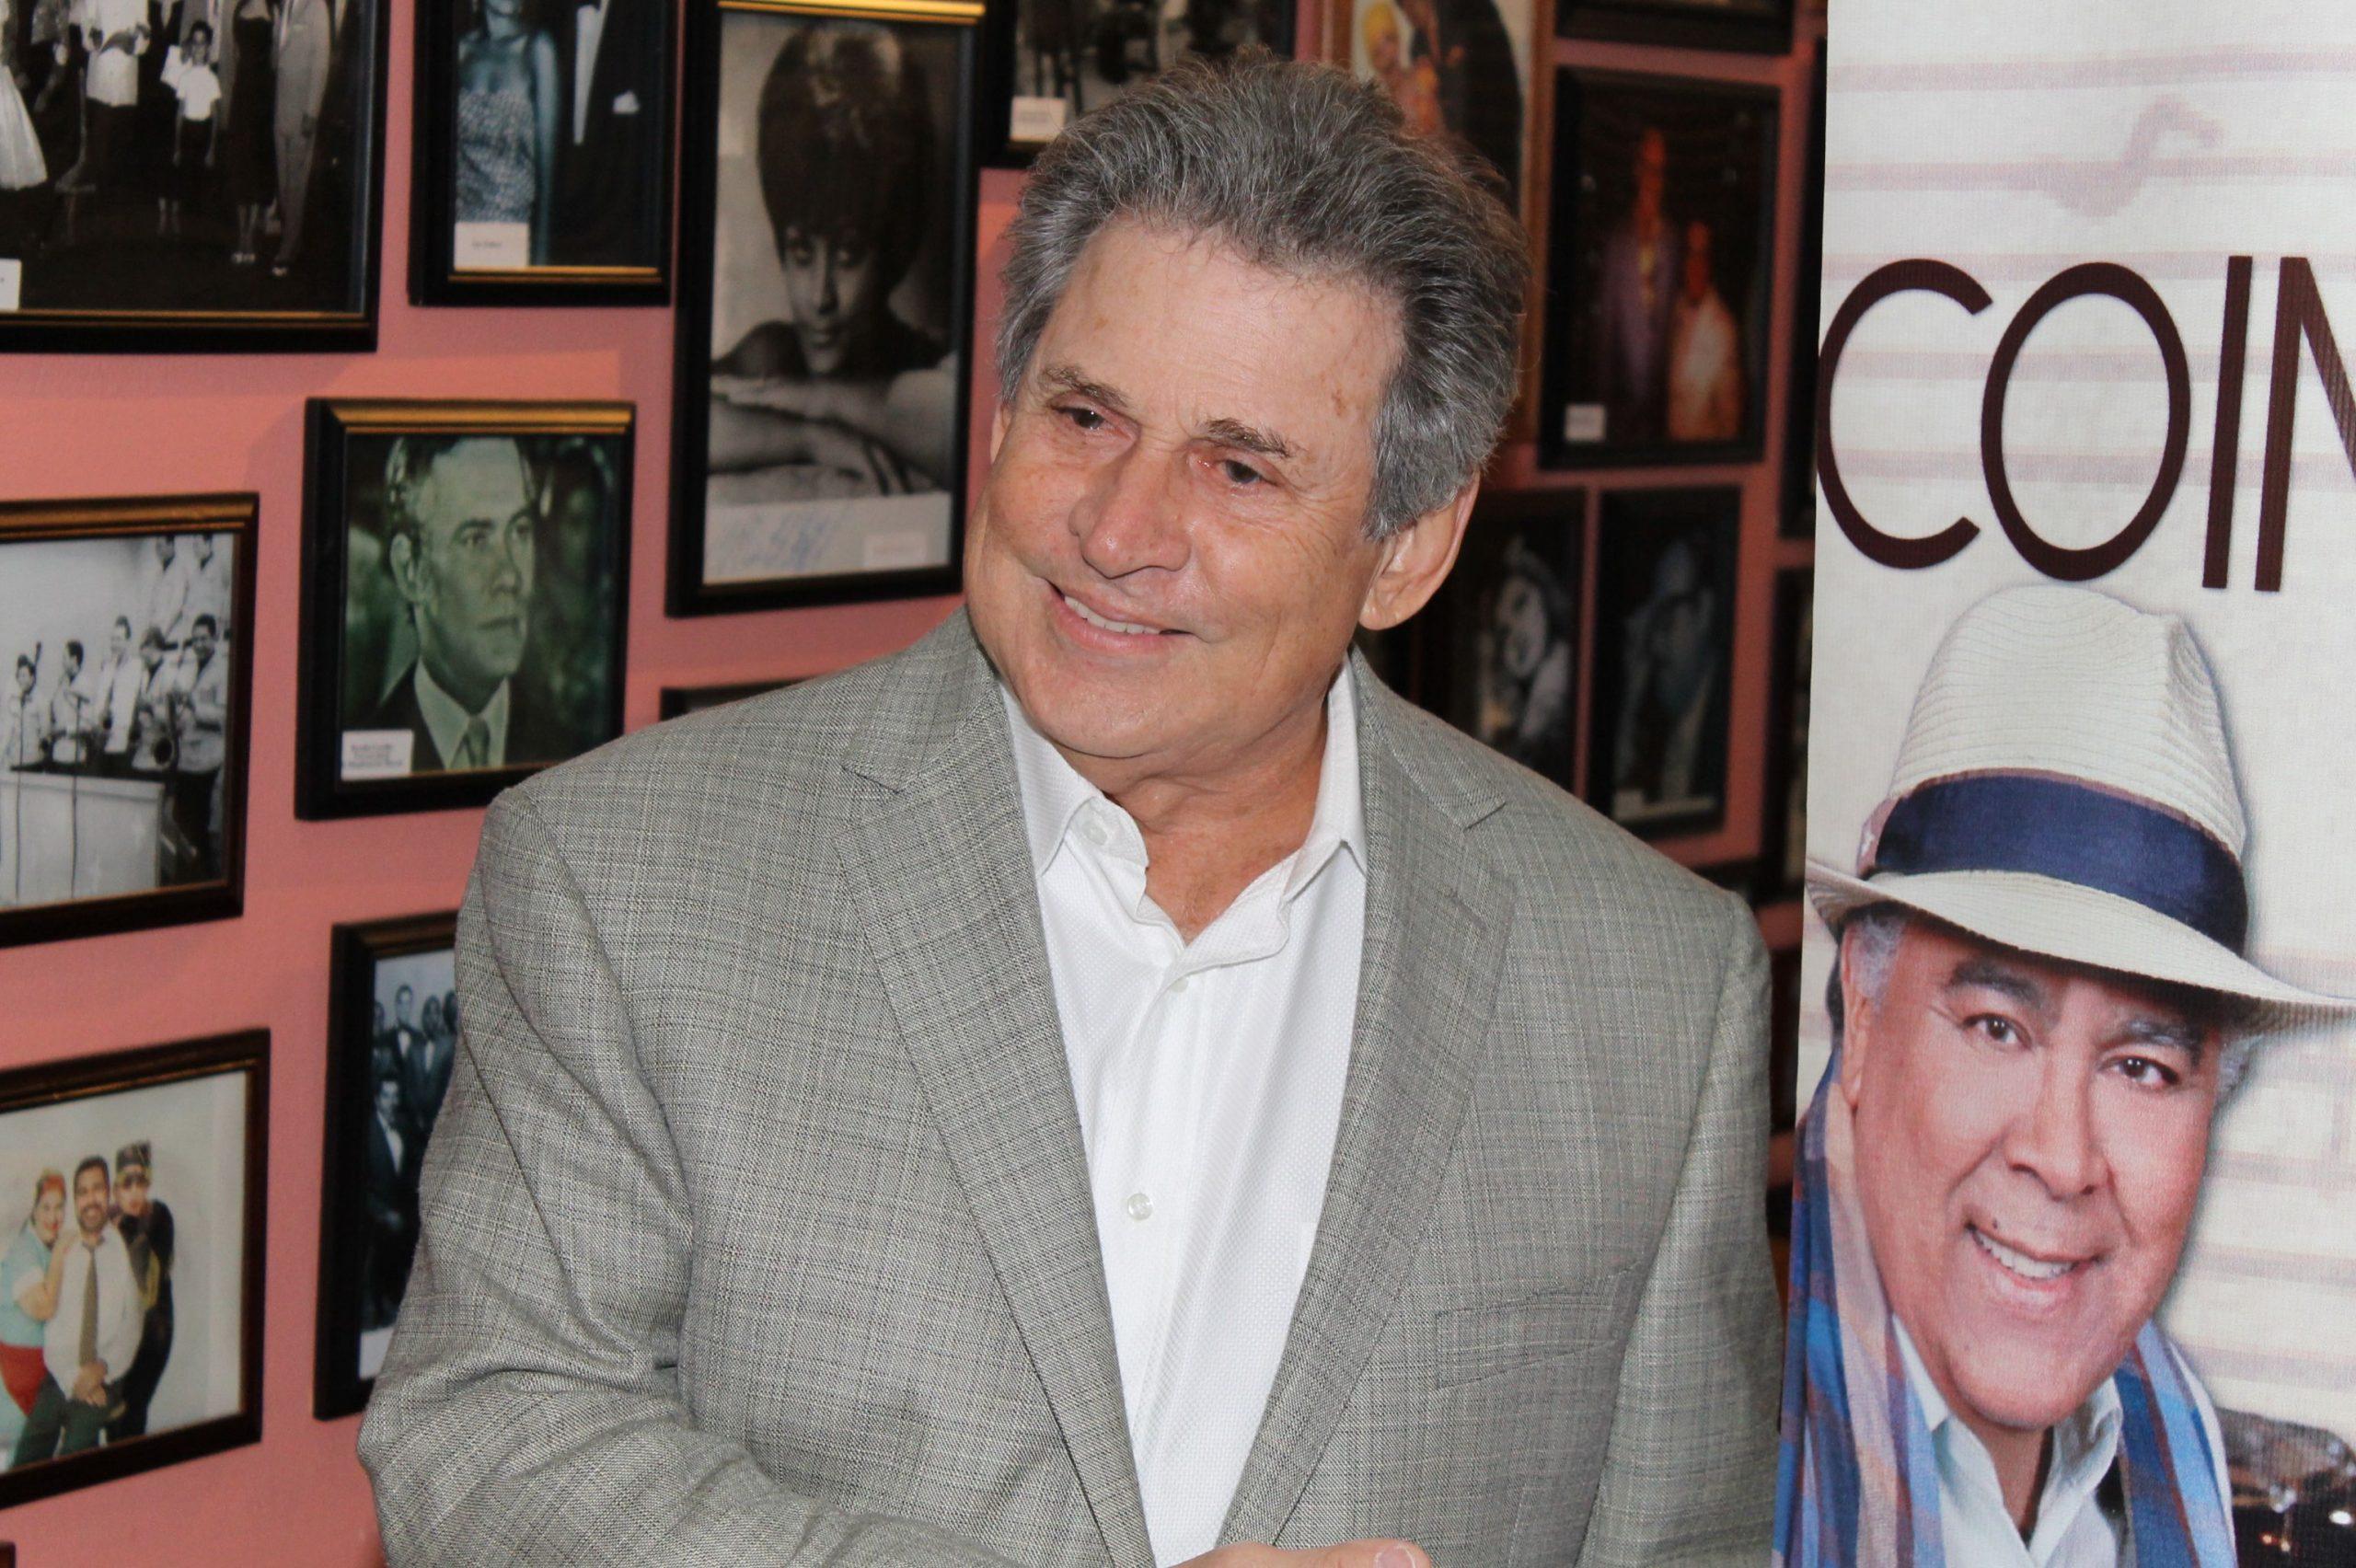 Chucho Avellanet recuerda anécdotas sobre Daniel Santos. (Foto Edgar Torres para Fundación Nacional para la Cltura Popular)